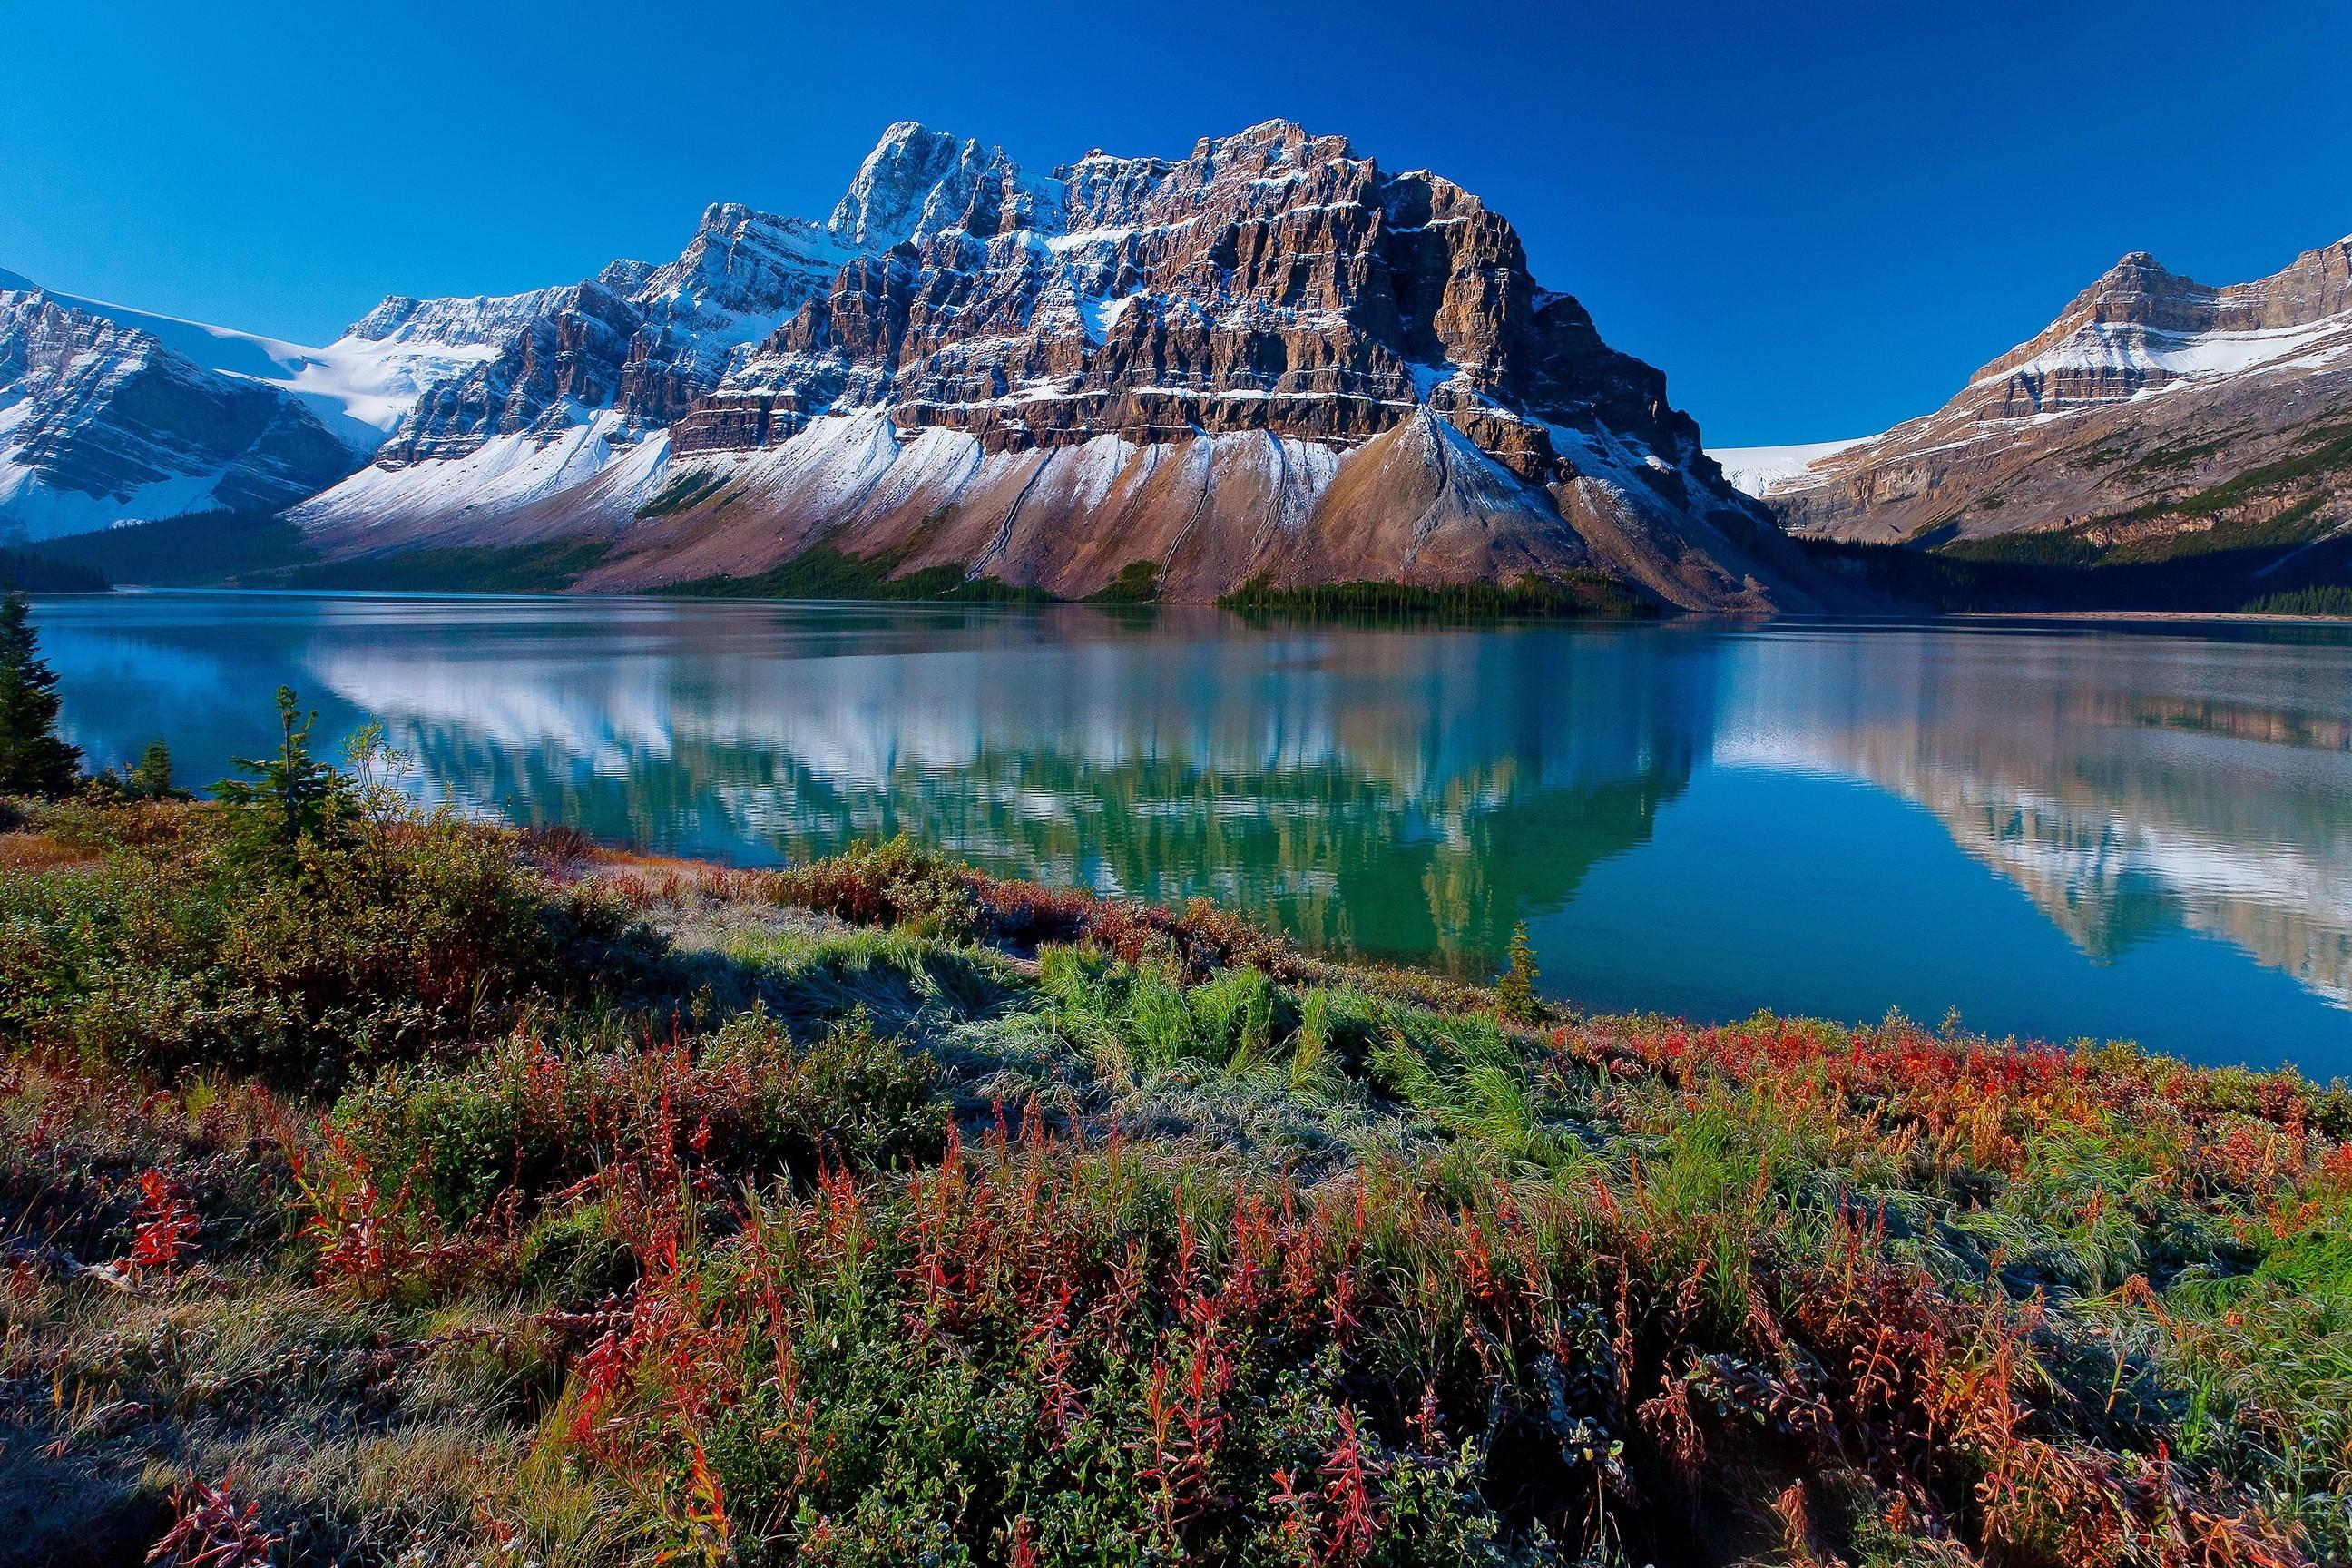 обои на рабочий стол 1280х1024 красивые виды природы торрент № 236867 без смс